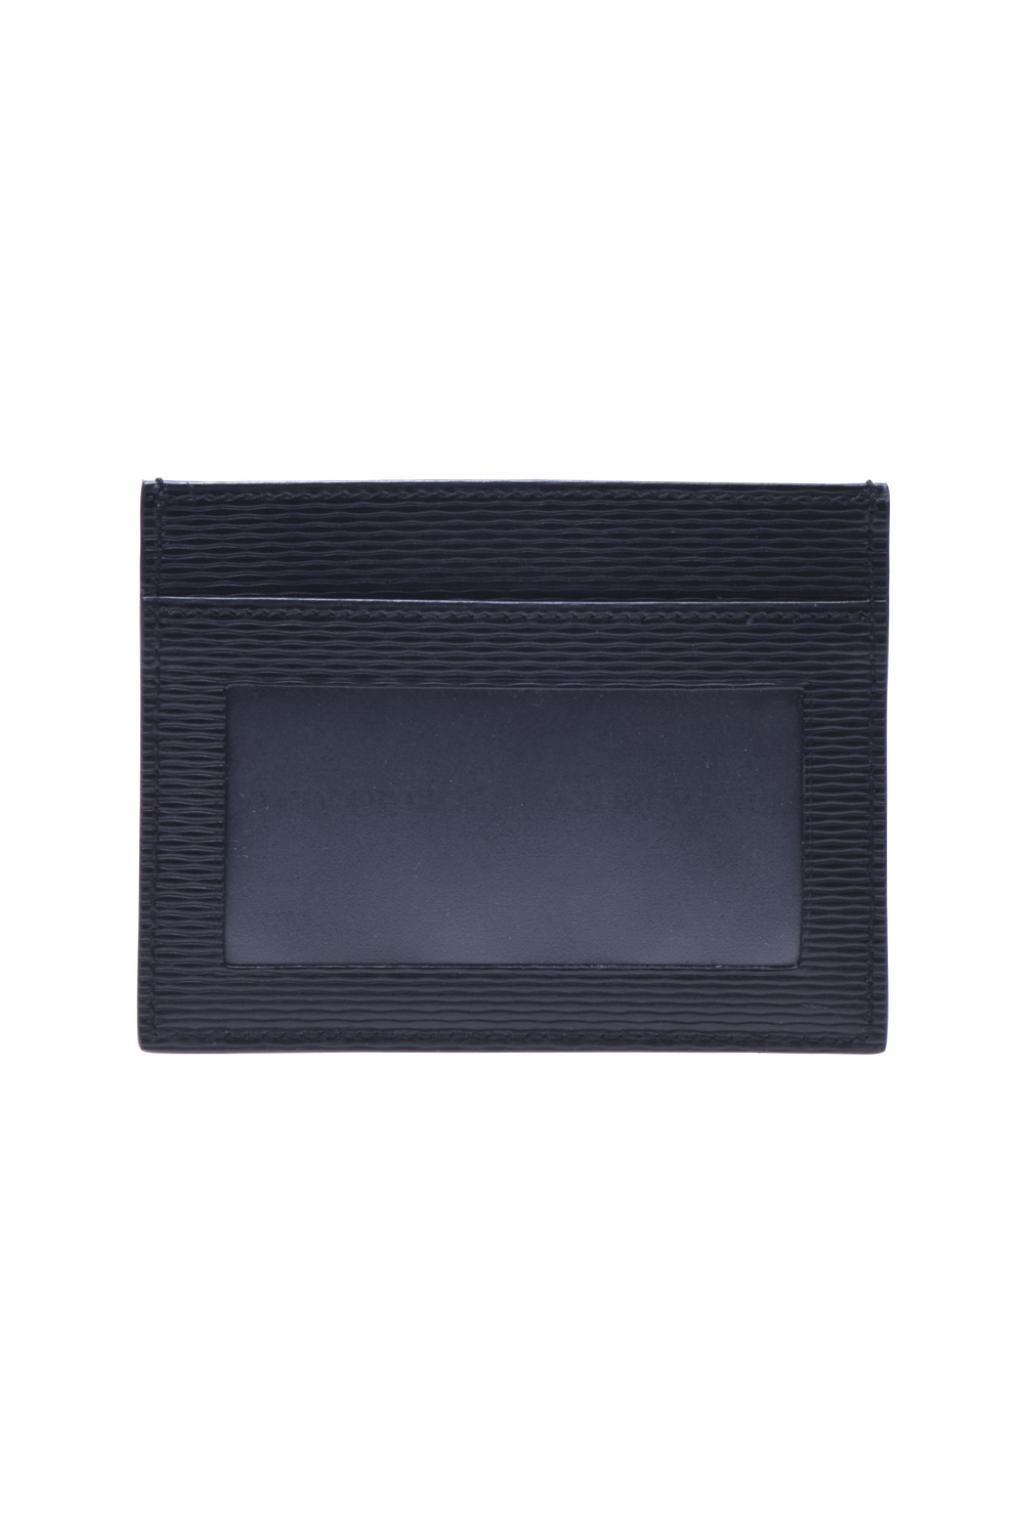 Giorgio Armani Leather Credit Card Holder